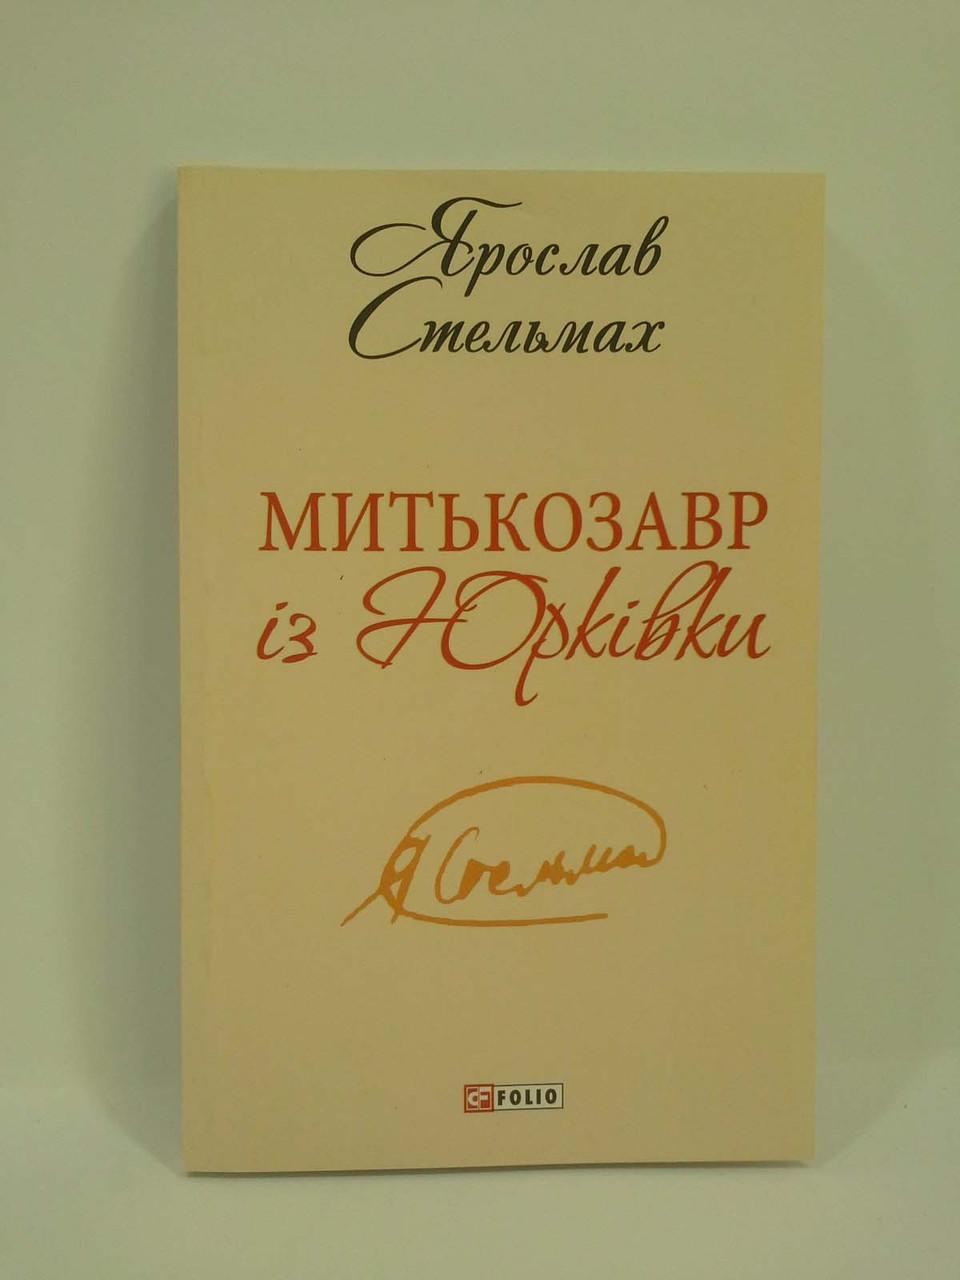 Фоліо ШБ (мягк) Стельмах Митькозавр із Юрківки (Шкільна бібліотека)